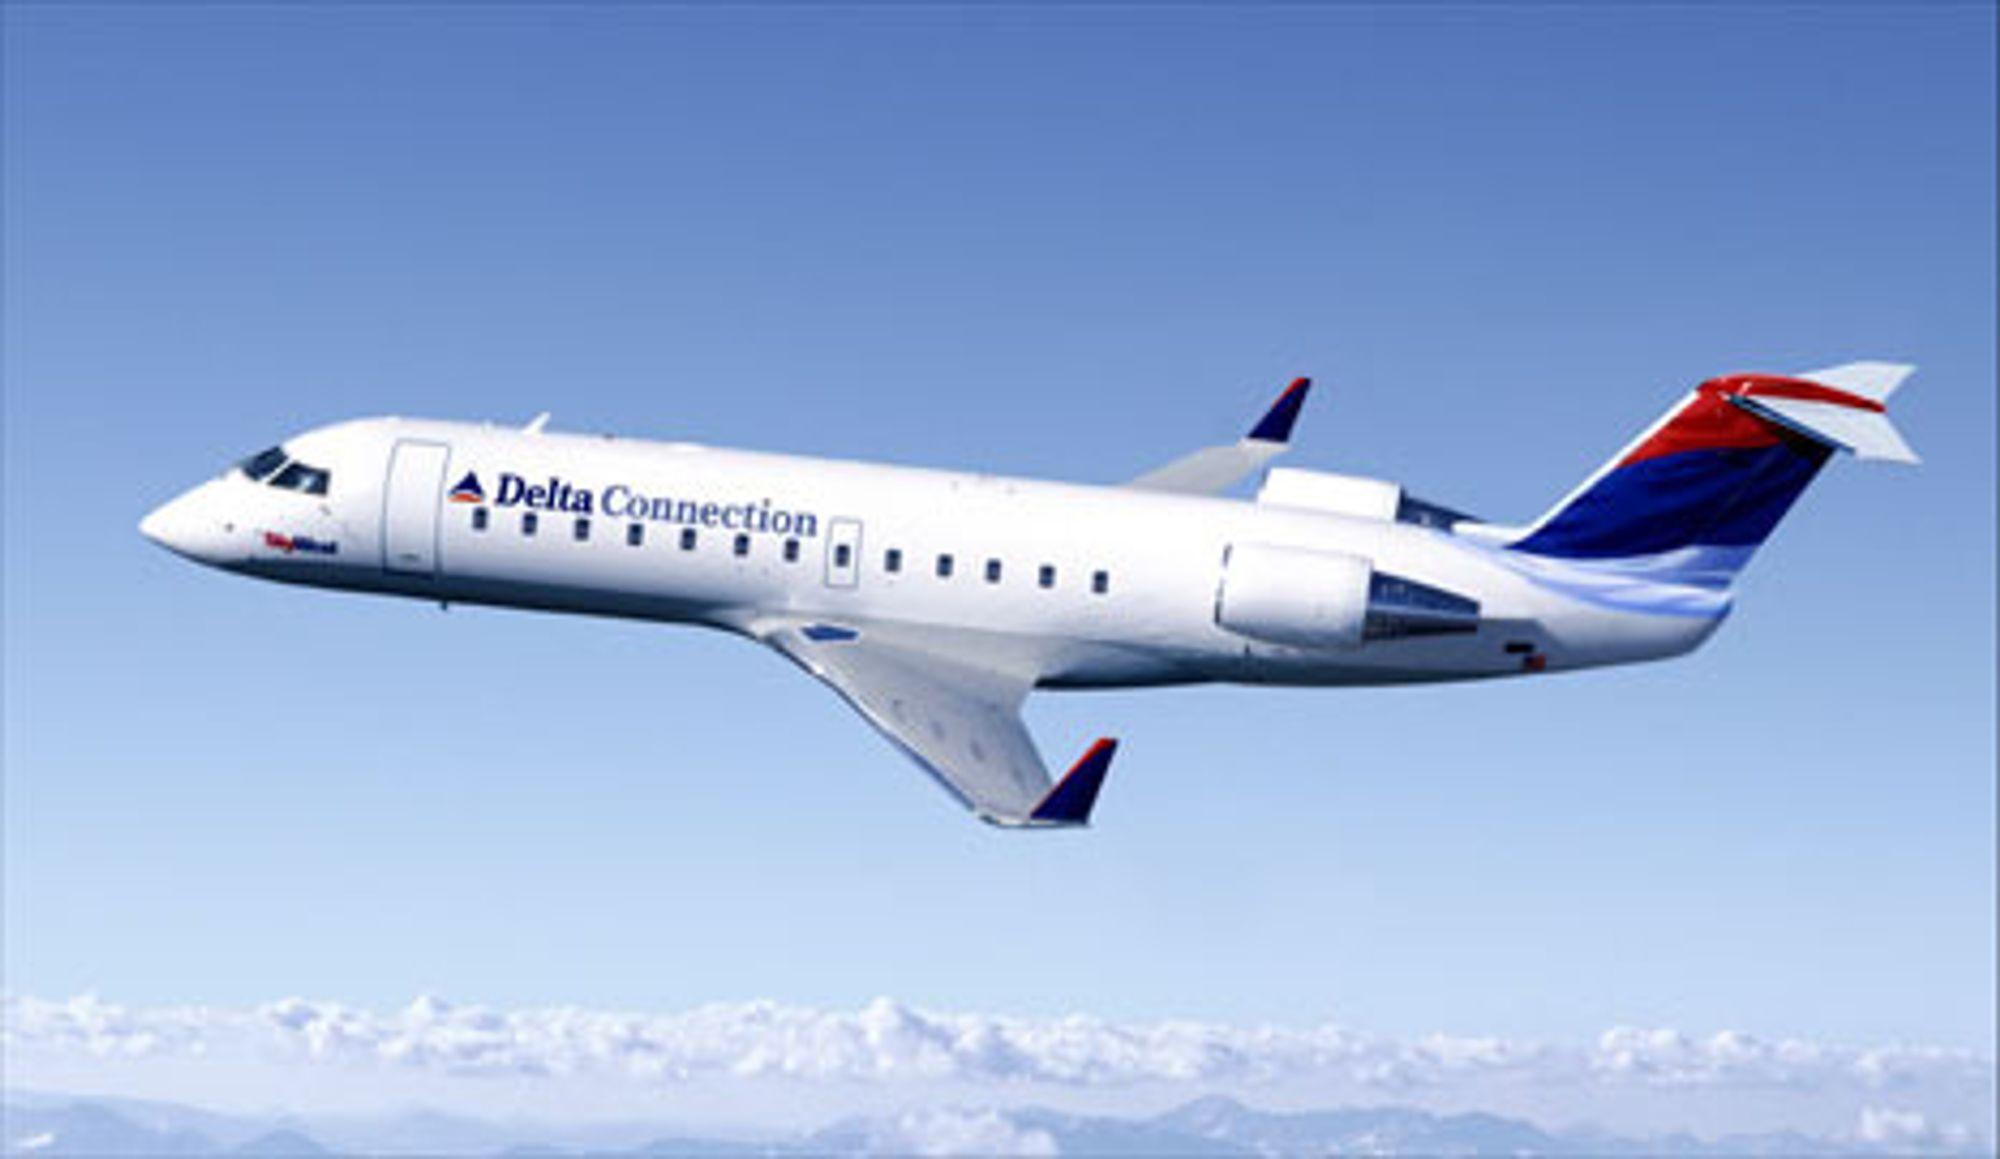 MELLOMDISTANSE: Det var et fly av denne type - en Bombardier (Canadair) CRJ-200 ¿ som styrtet natt til søndag i Kentucky. Flyet er mye brukt ac Deltas lokaltrafikkselskap Connections på korte og mellomdistanser, og er populært også i Europa.